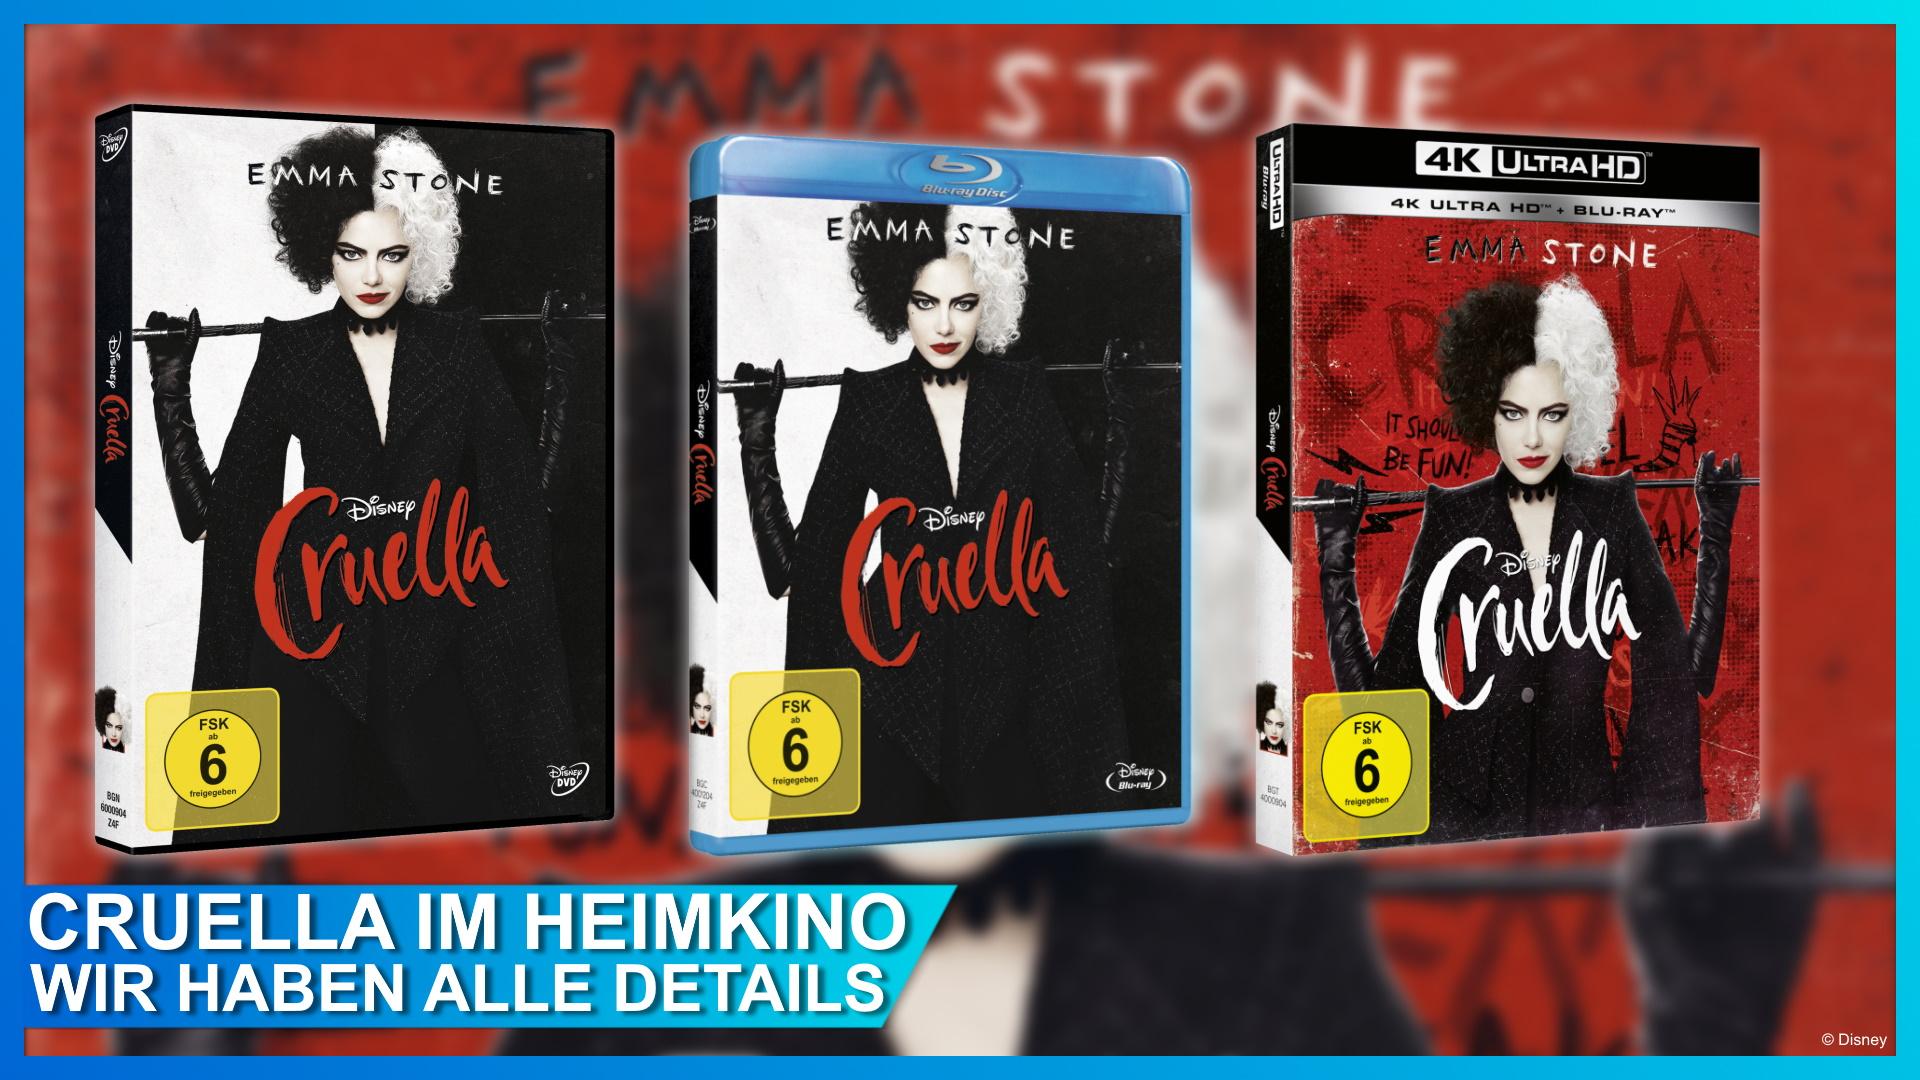 Cruella 4K Ultra HD Blu-ray DVD Disney+